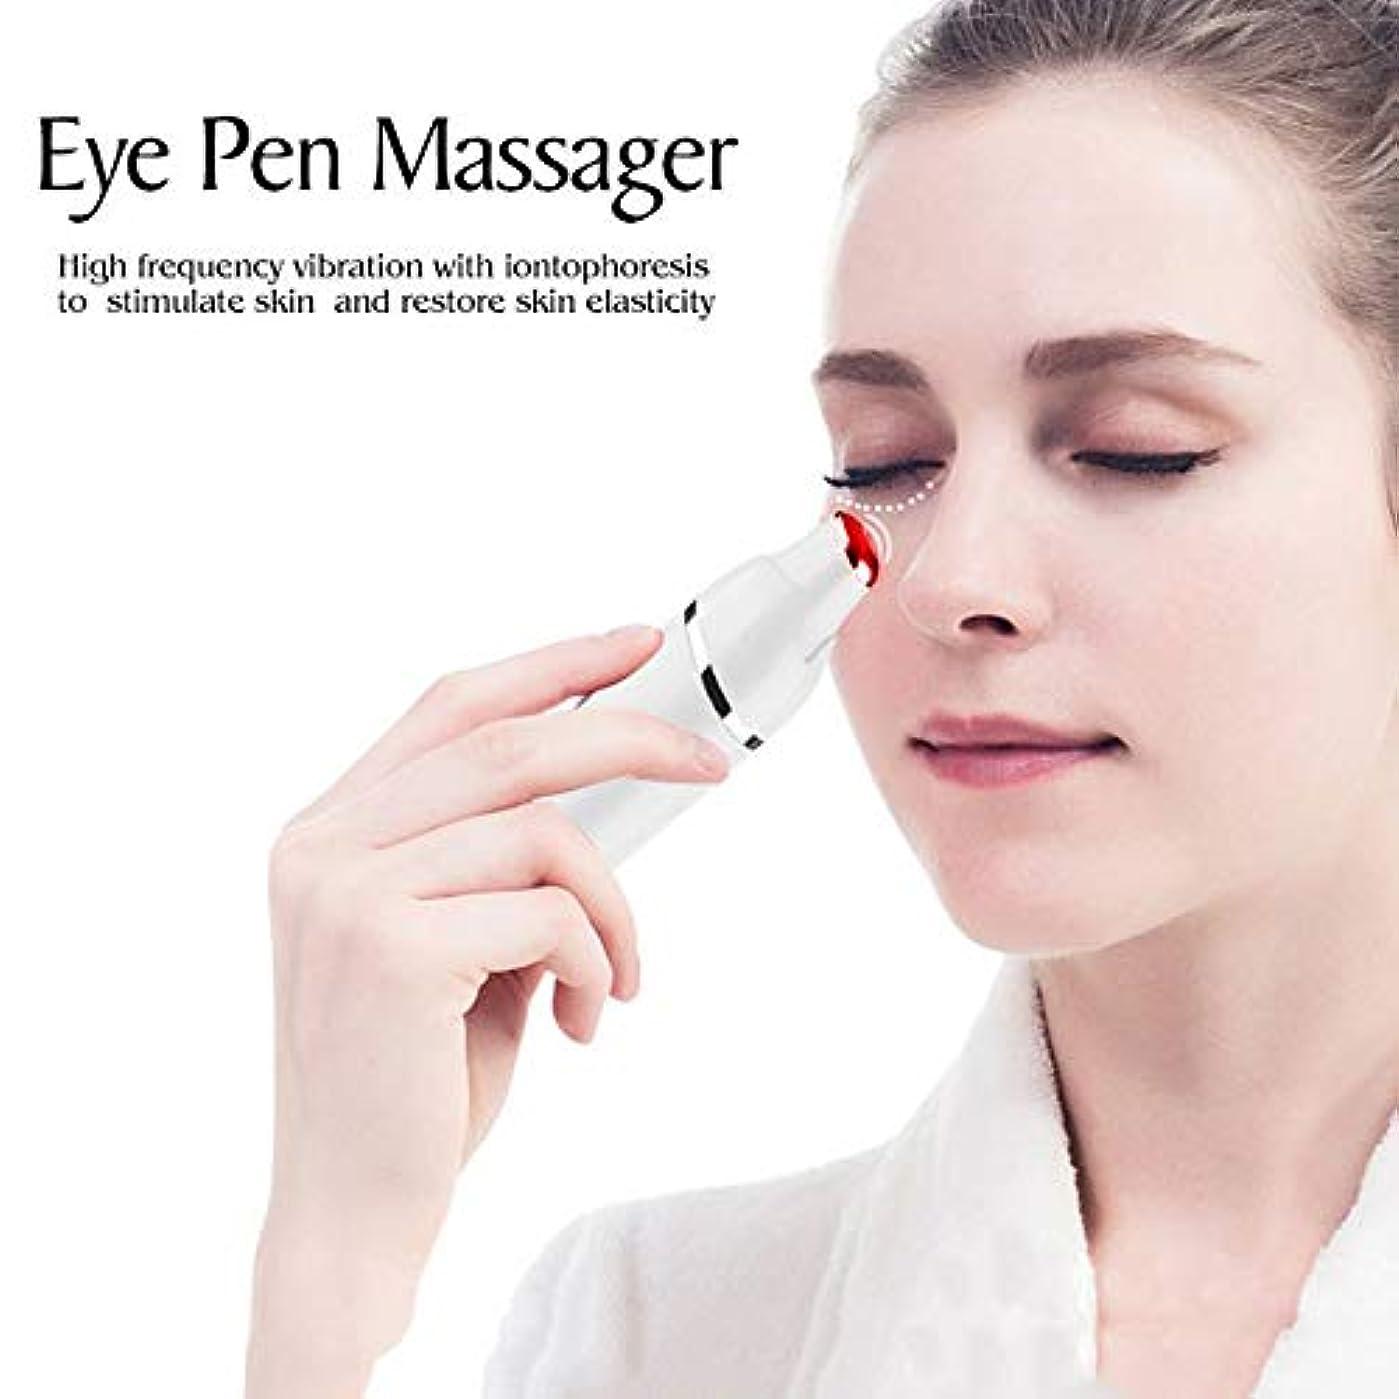 にぎやかバイアス配管工ソニックアイマッサージャー、目の疲れのための42℃加熱治療用ワンド、アイクリームを効果的に促進するためのアニオンの輸入